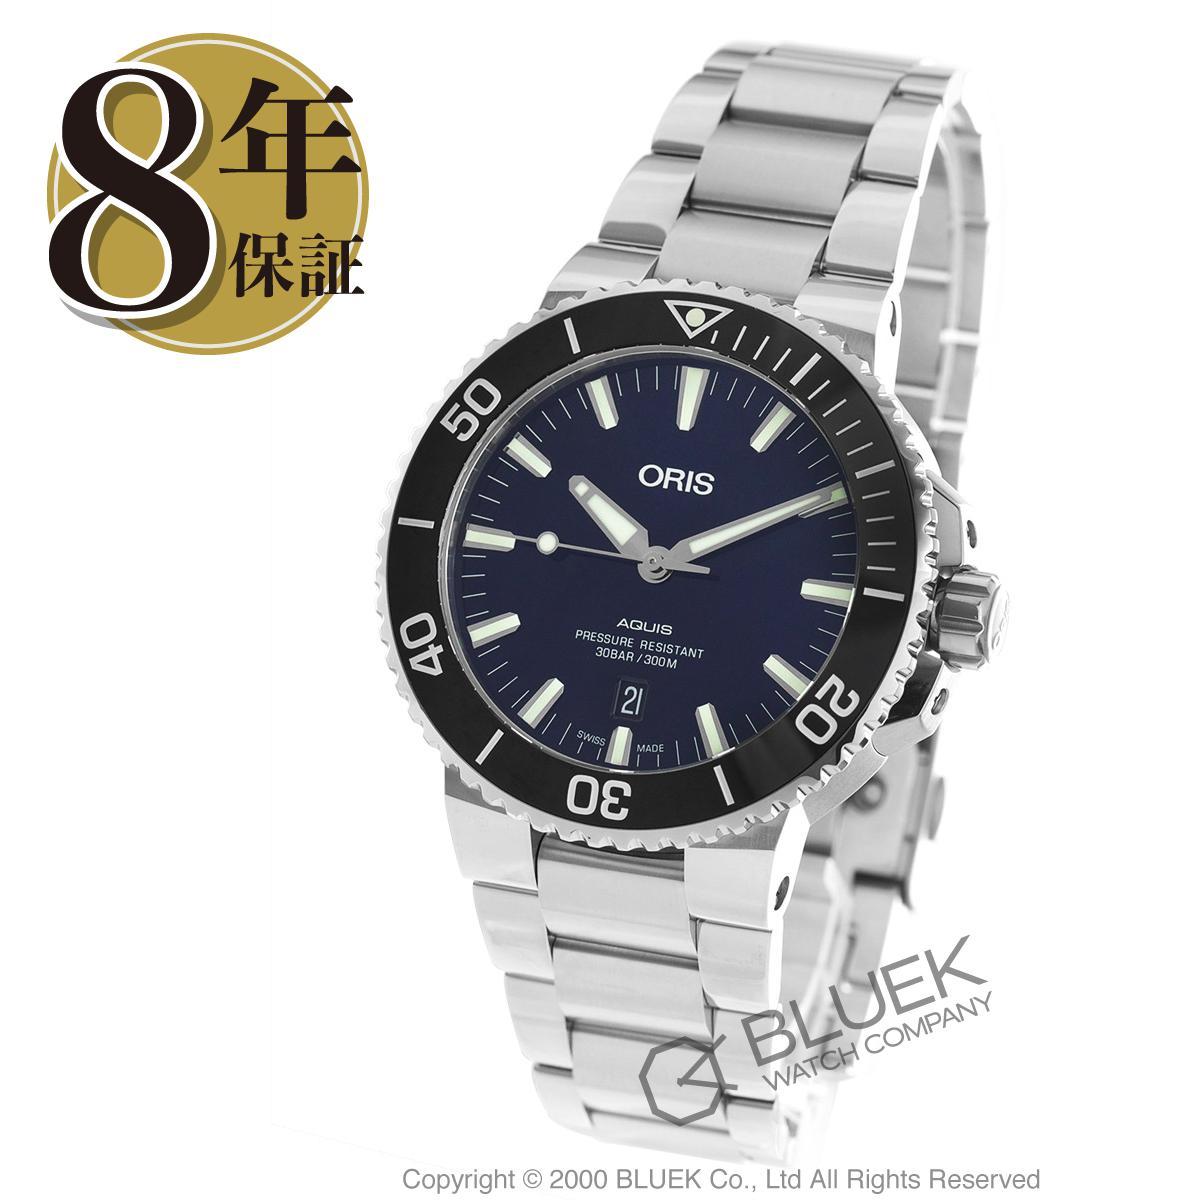 オリス ORIS 腕時計 アクイス デイト 300m防水 メンズ 733 7730 4135M_8